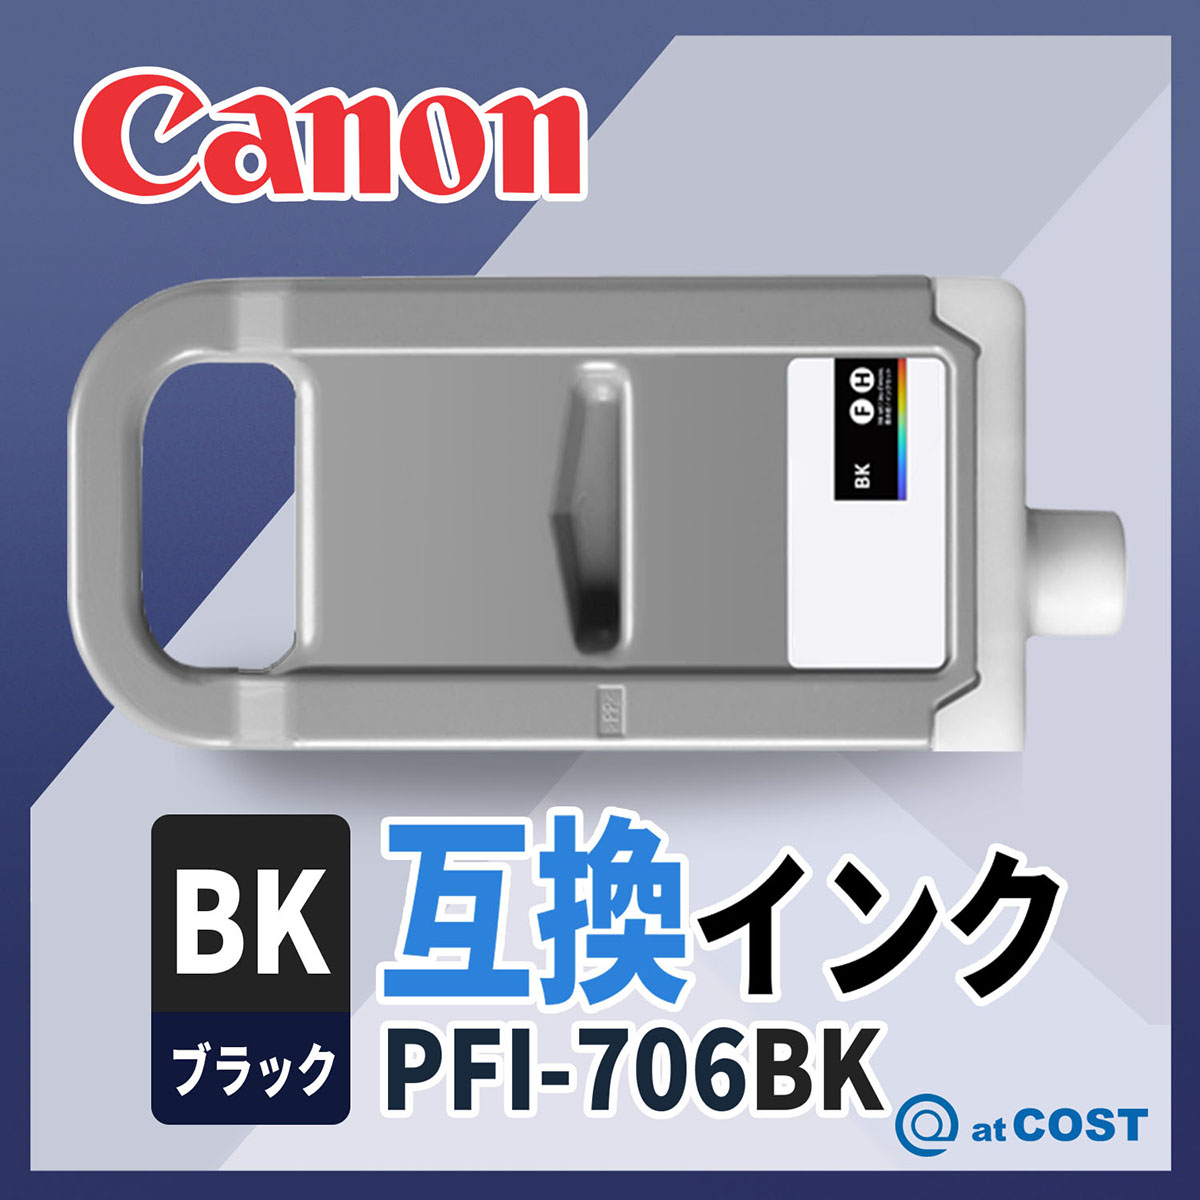 キャノン / CANON / PFI-706BK / ブラック / 700ml / 互換インク / インクタンク / インクカートリッジ / 低価格